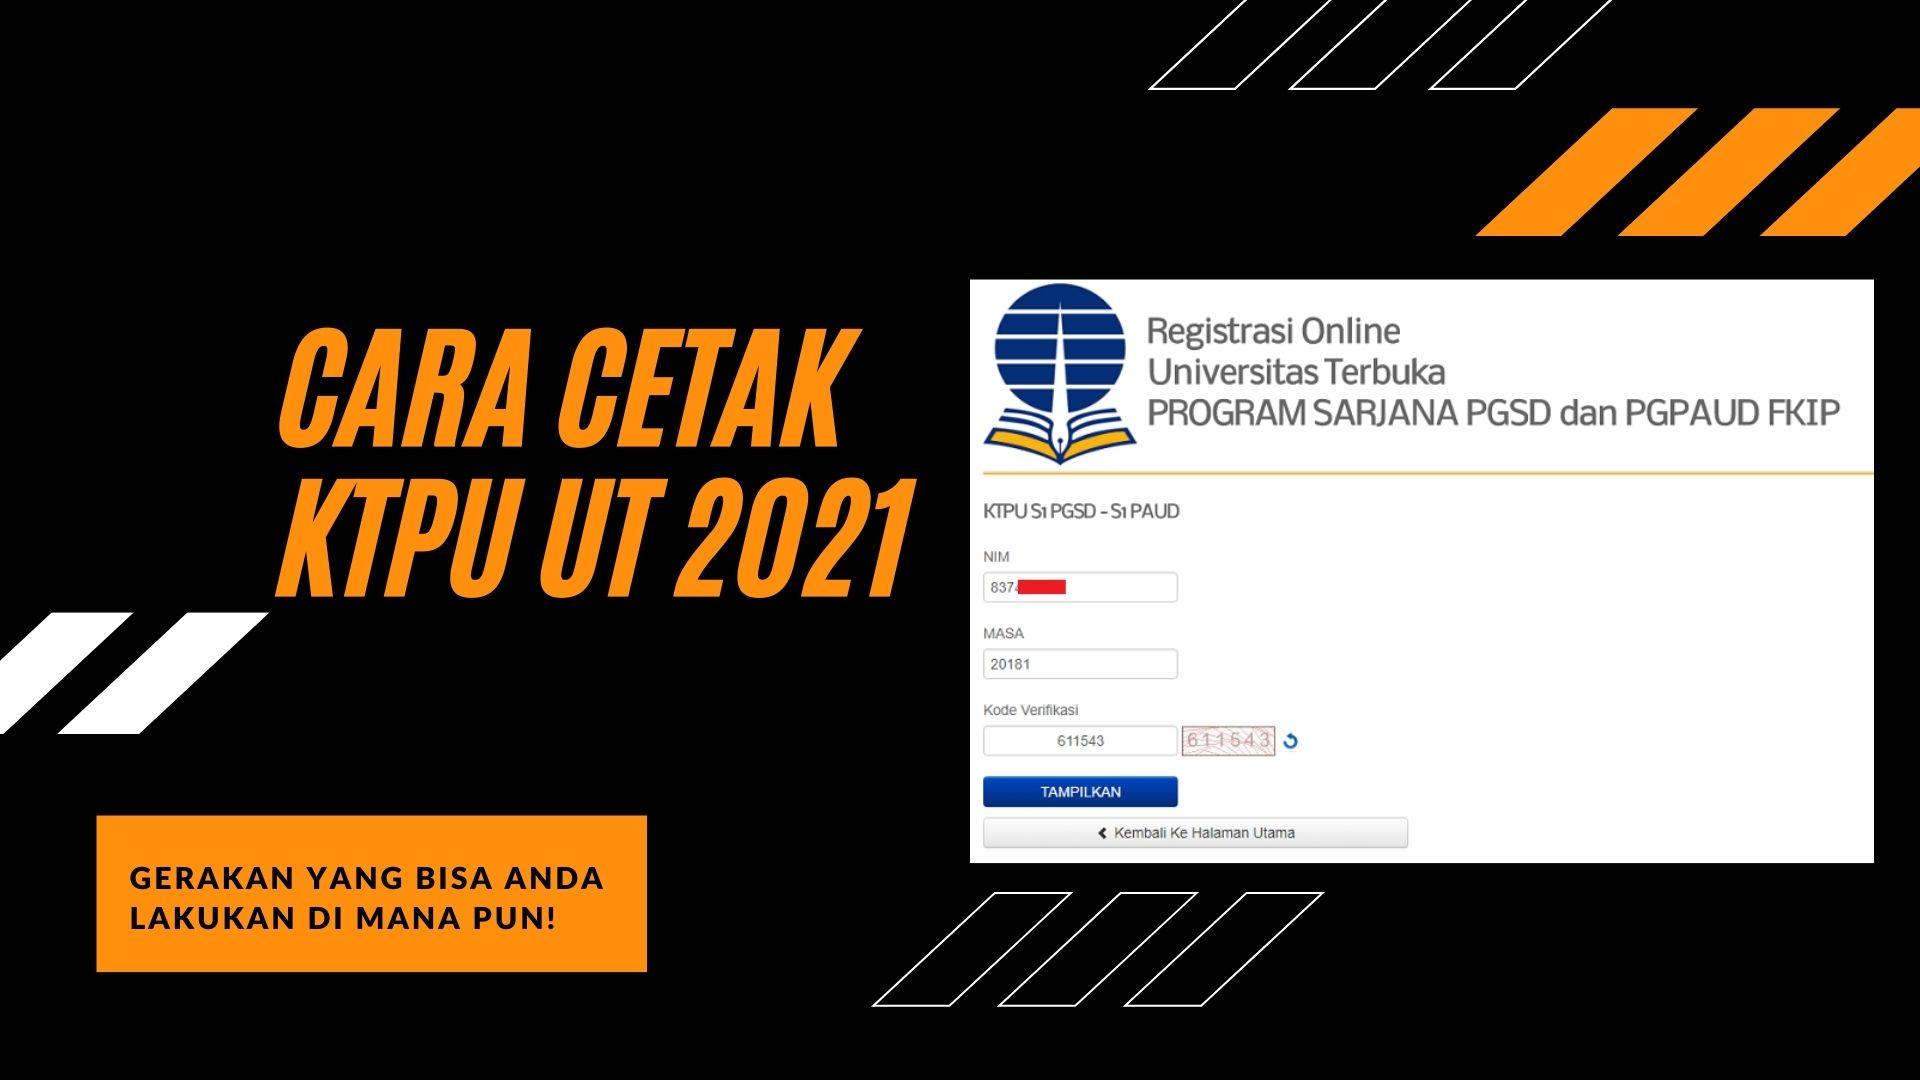 Cara Cetak KTPU UT Online 2021